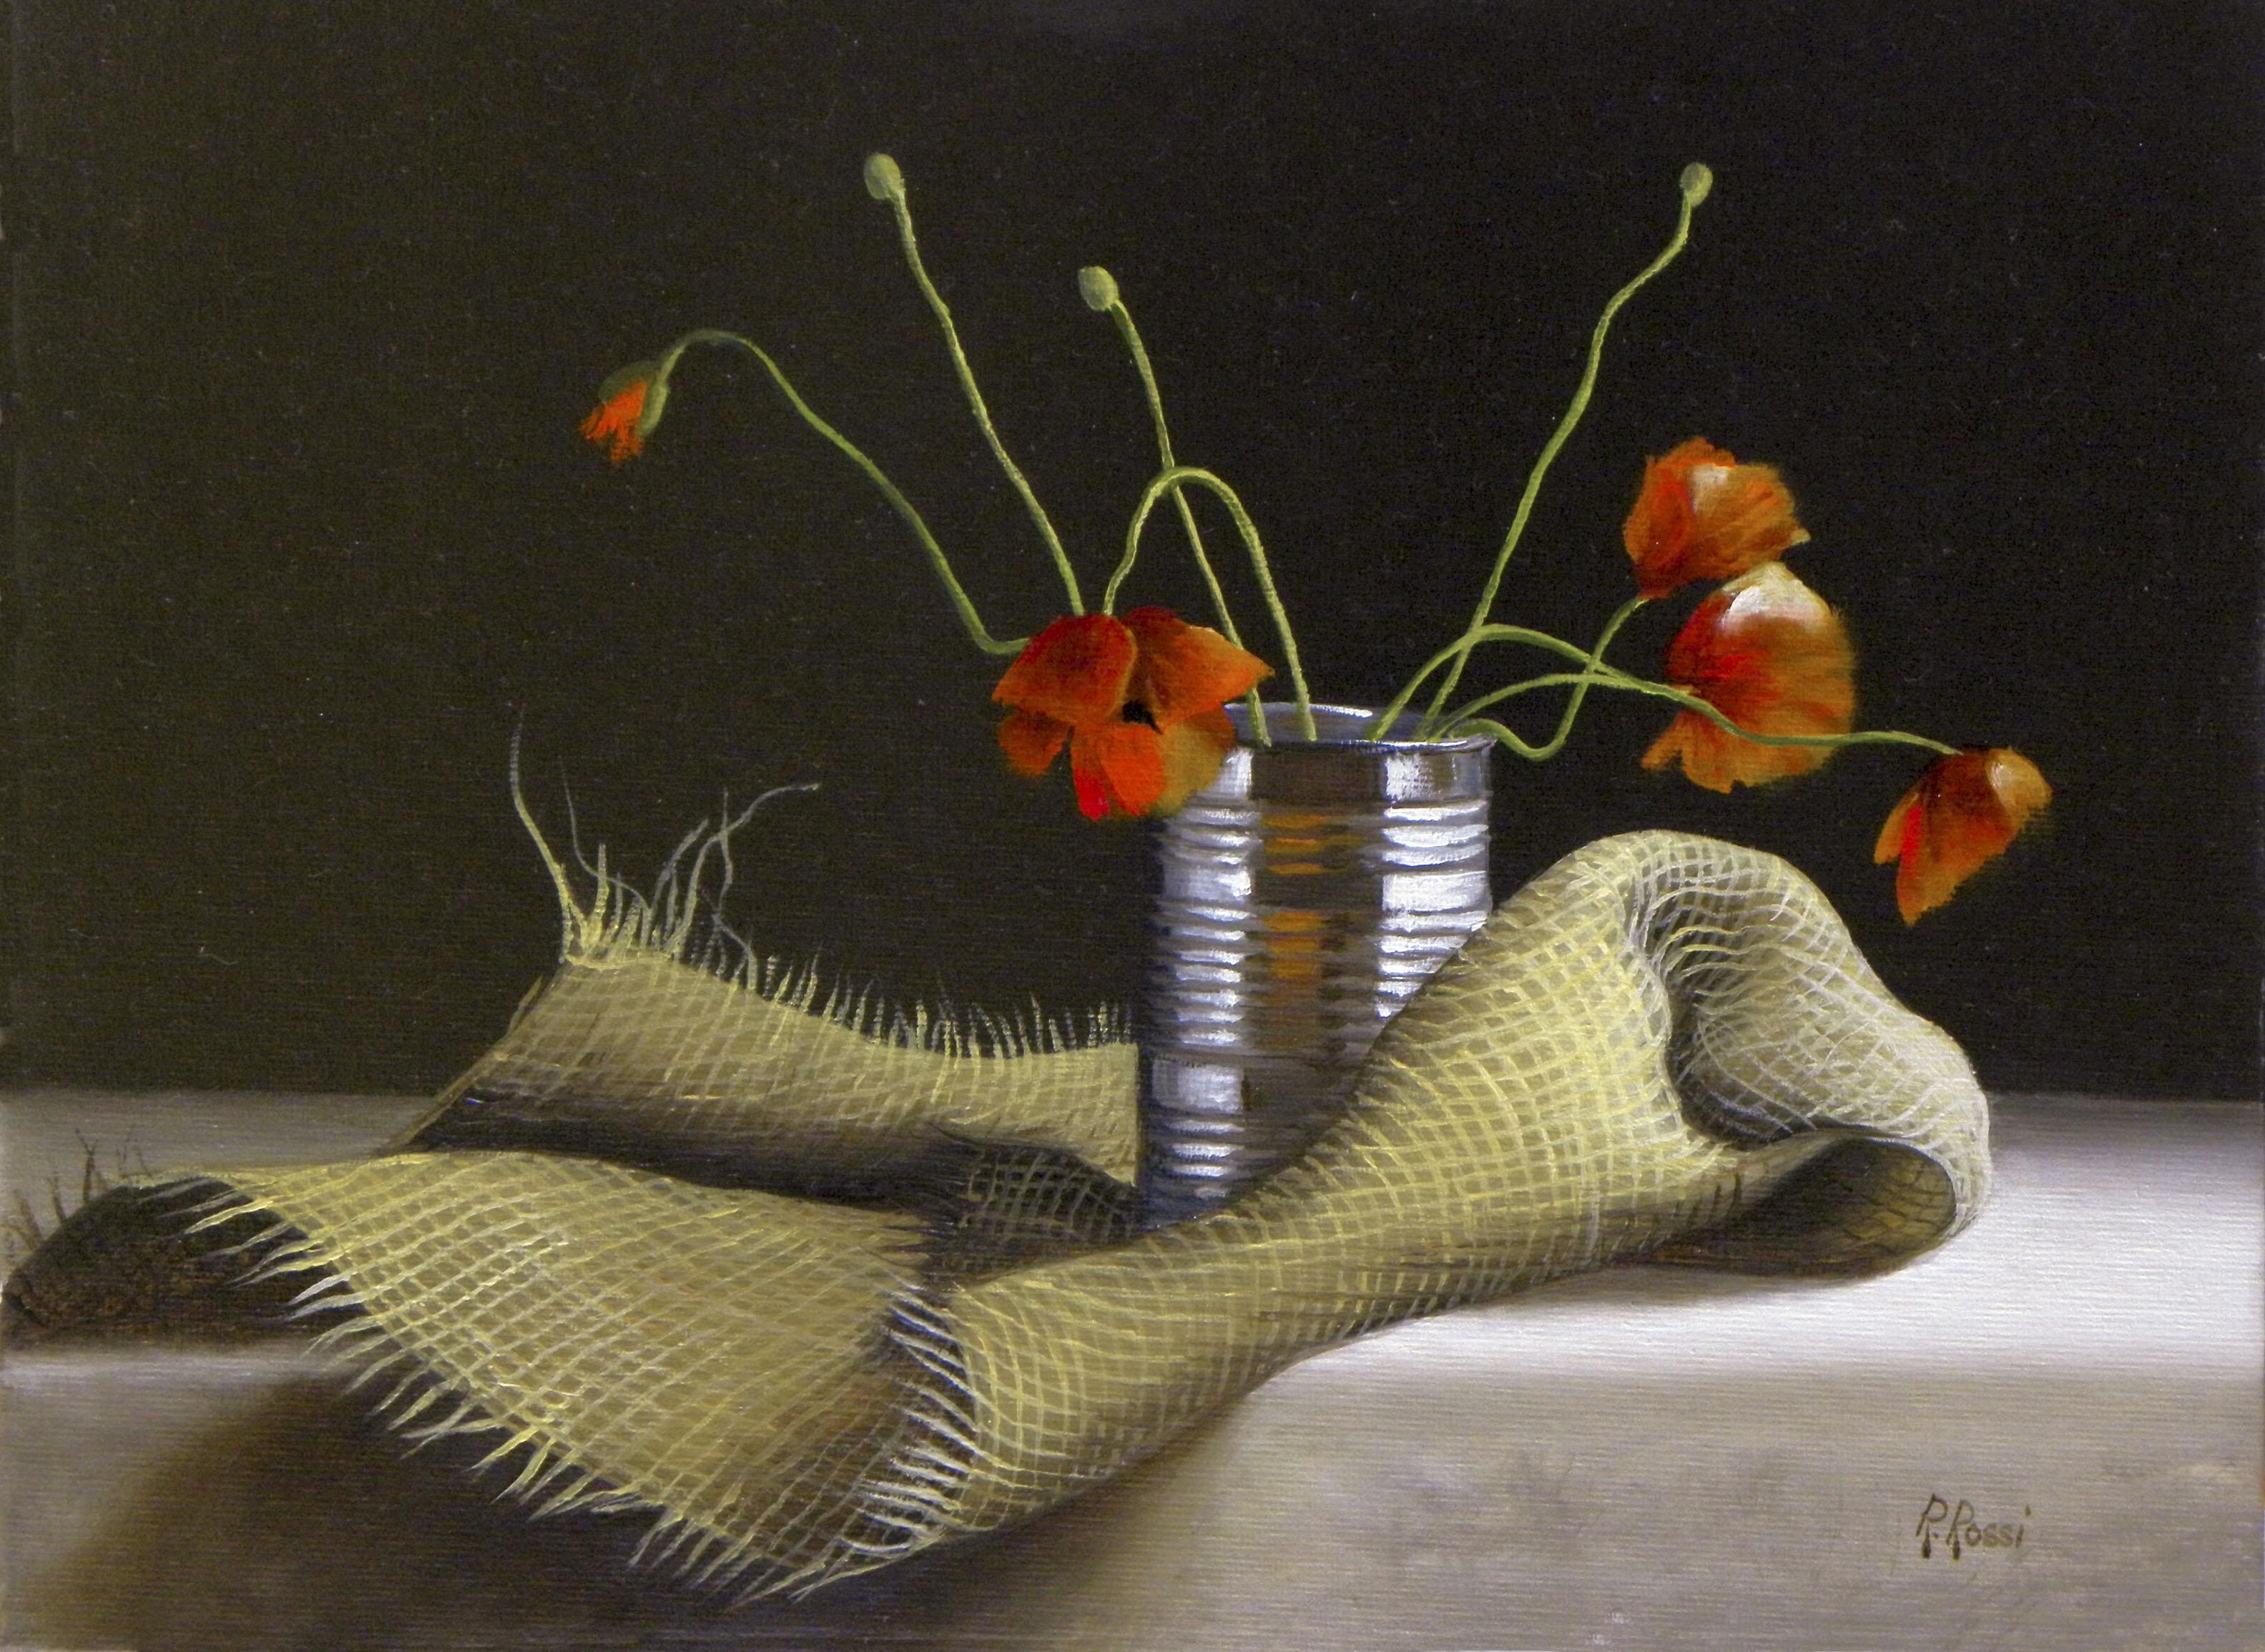 2013 roberta rossi - Gli ultimi papaveri - olio su tela applicata a cartone - 18 x 24